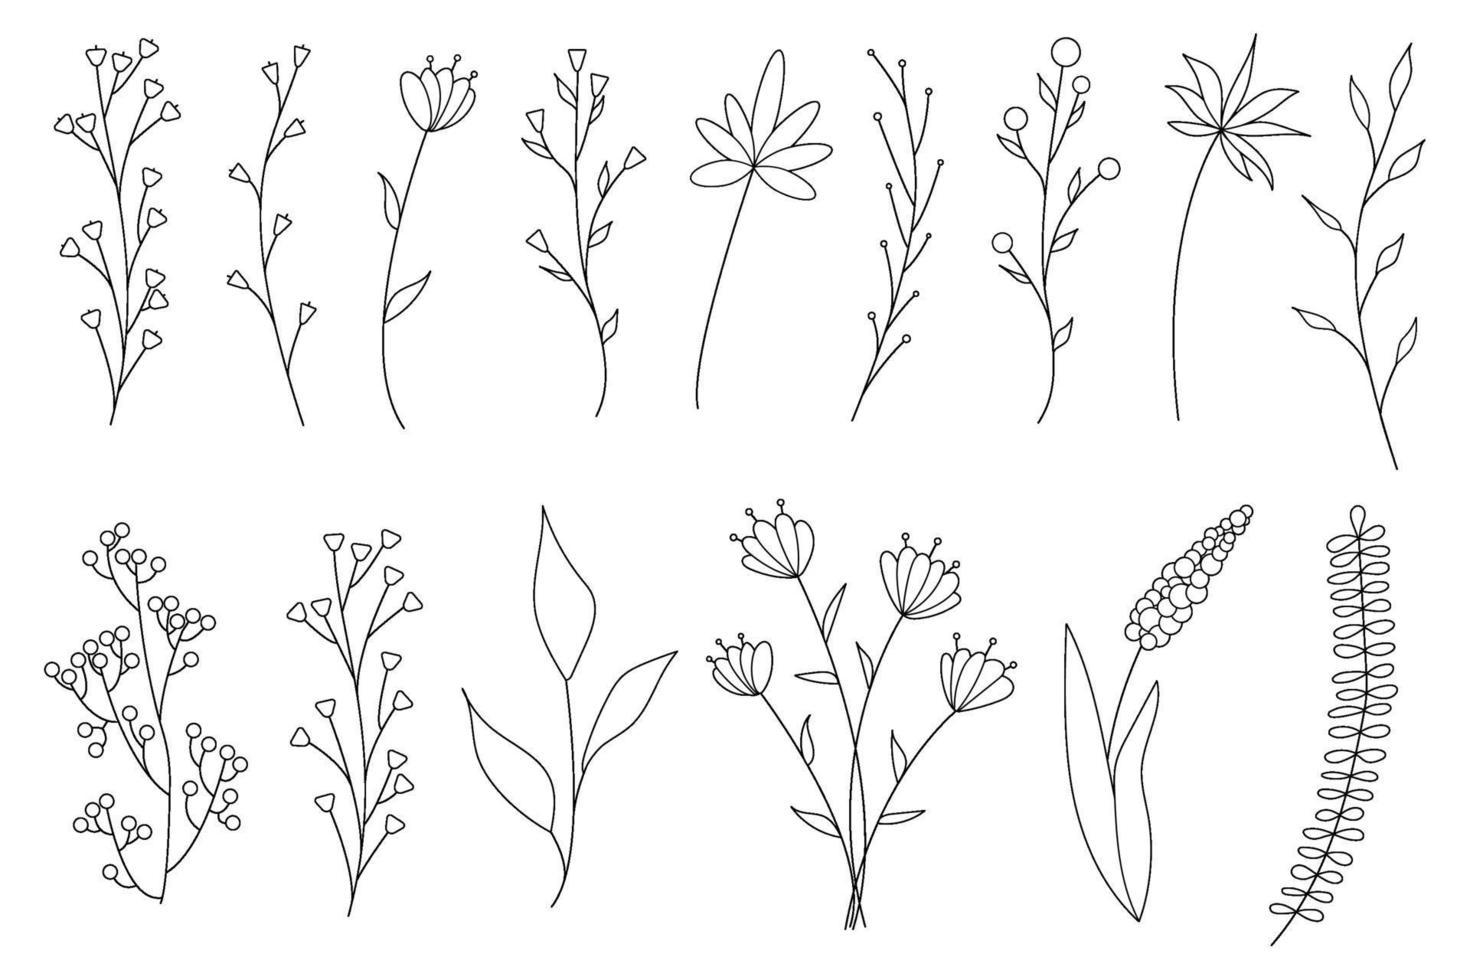 Sammlung minimalistischer einfacher floraler Elemente. grafische Skizze. modisches Tattoo-Design. Blumen, Gras und Blätter. botanische natürliche Elemente. Vektorillustration. Umriss, Linie, Doodle-Stil. vektor